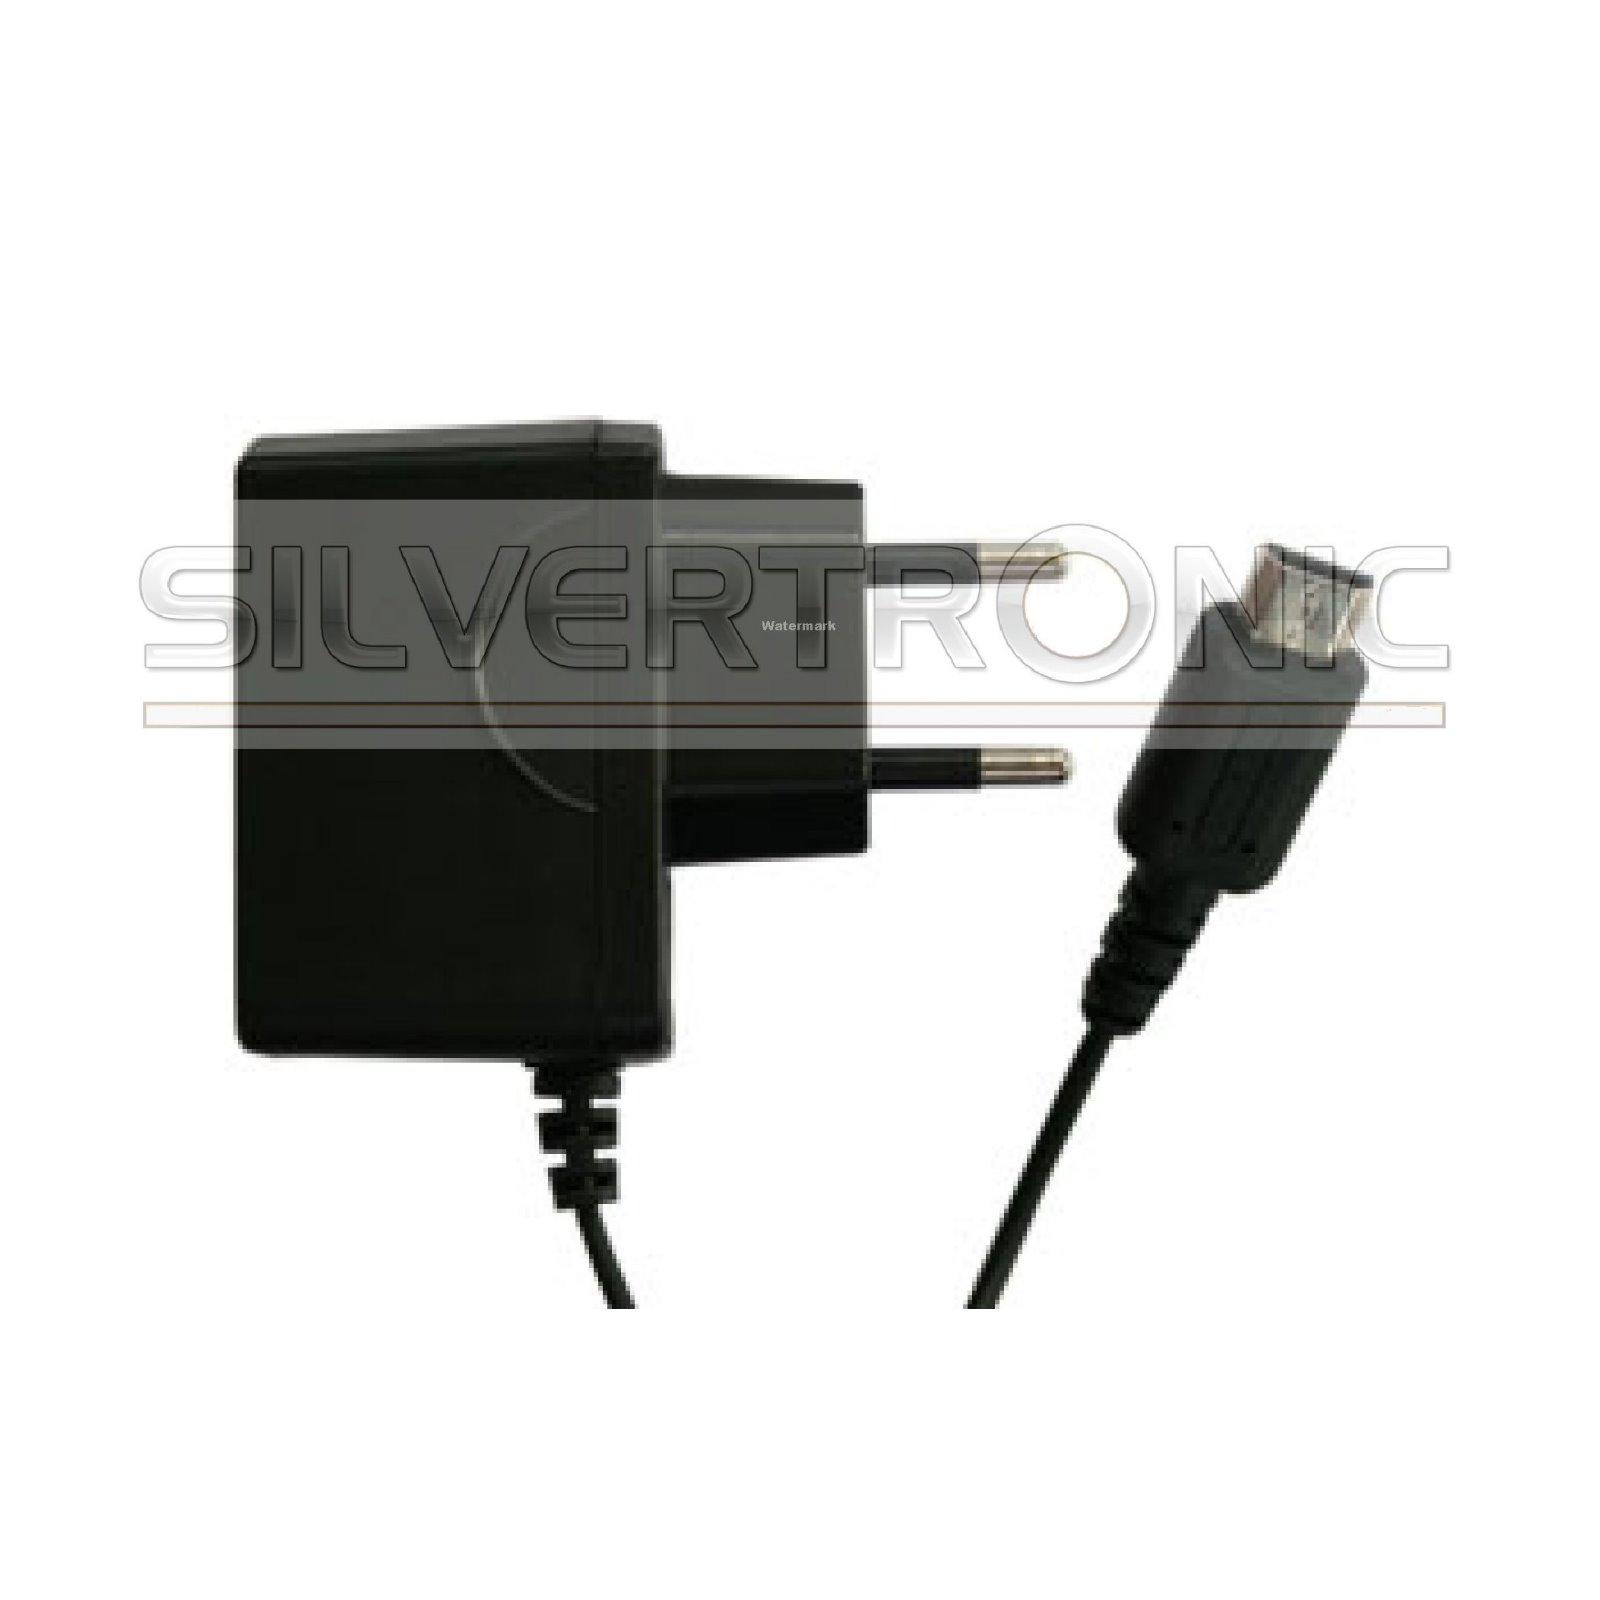 Gahatronic Nintendo Ds Lite Netzteil Ladekabel Eaxus Nds Charger Adaptor Black